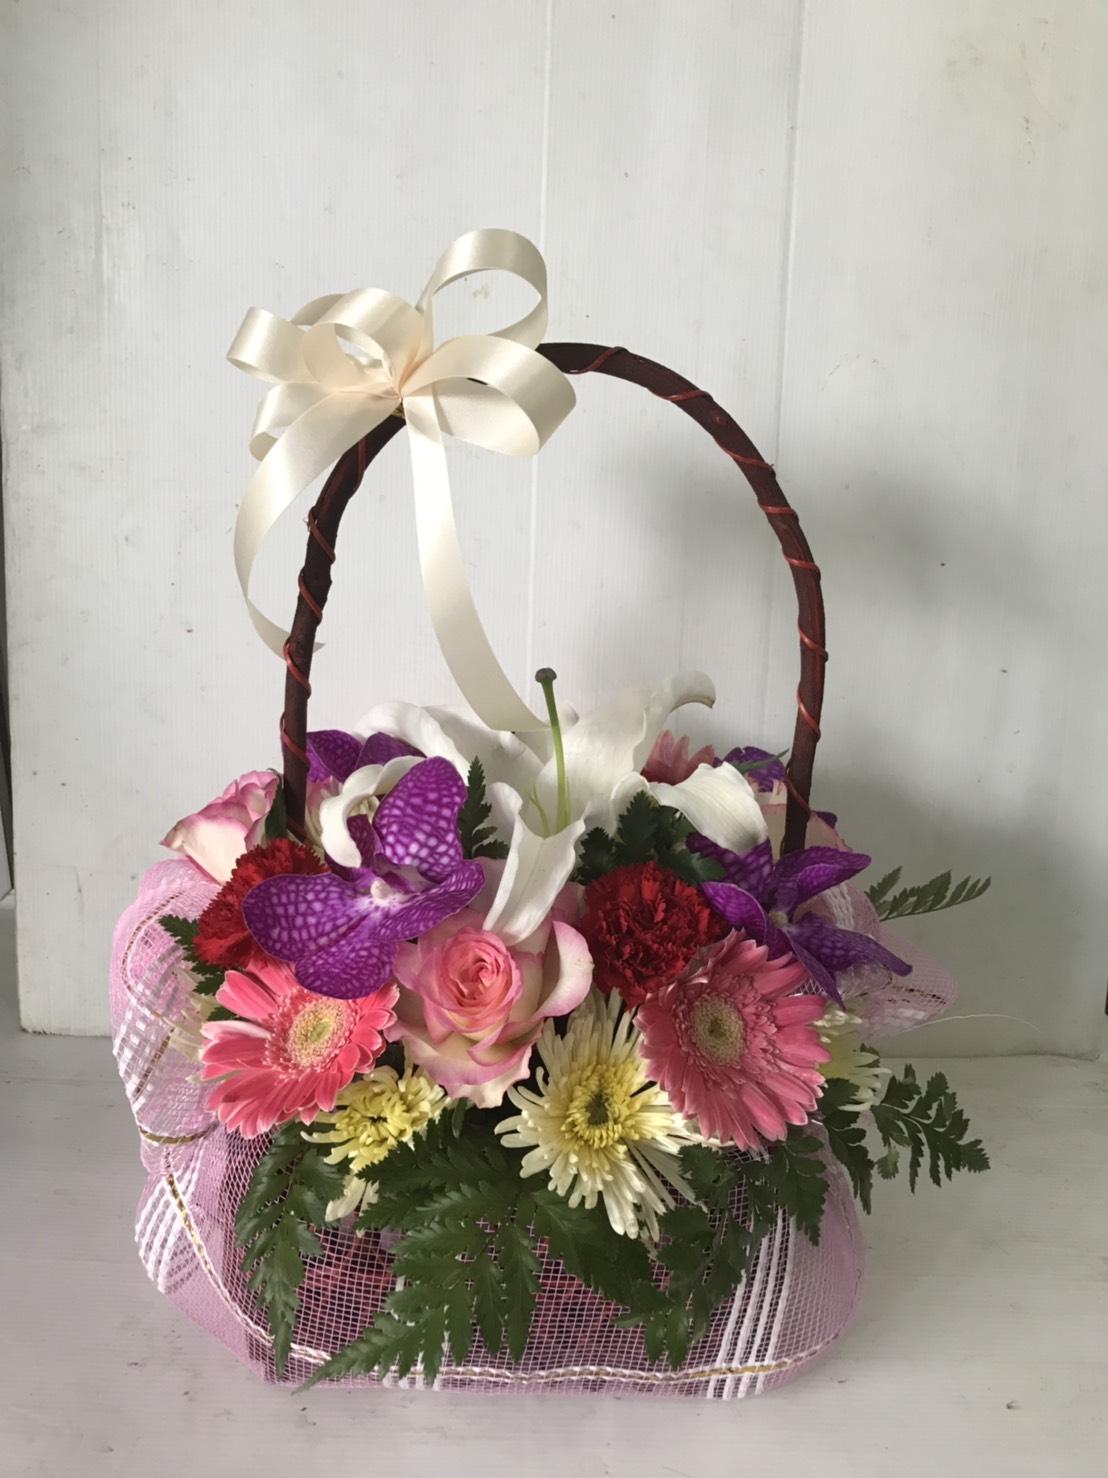 กระเช้าดอกไม้ไซส์เล็กน่ารัก เหมาะสำหรับคนน่ารักทุก ๆ คนเลยนะคะ